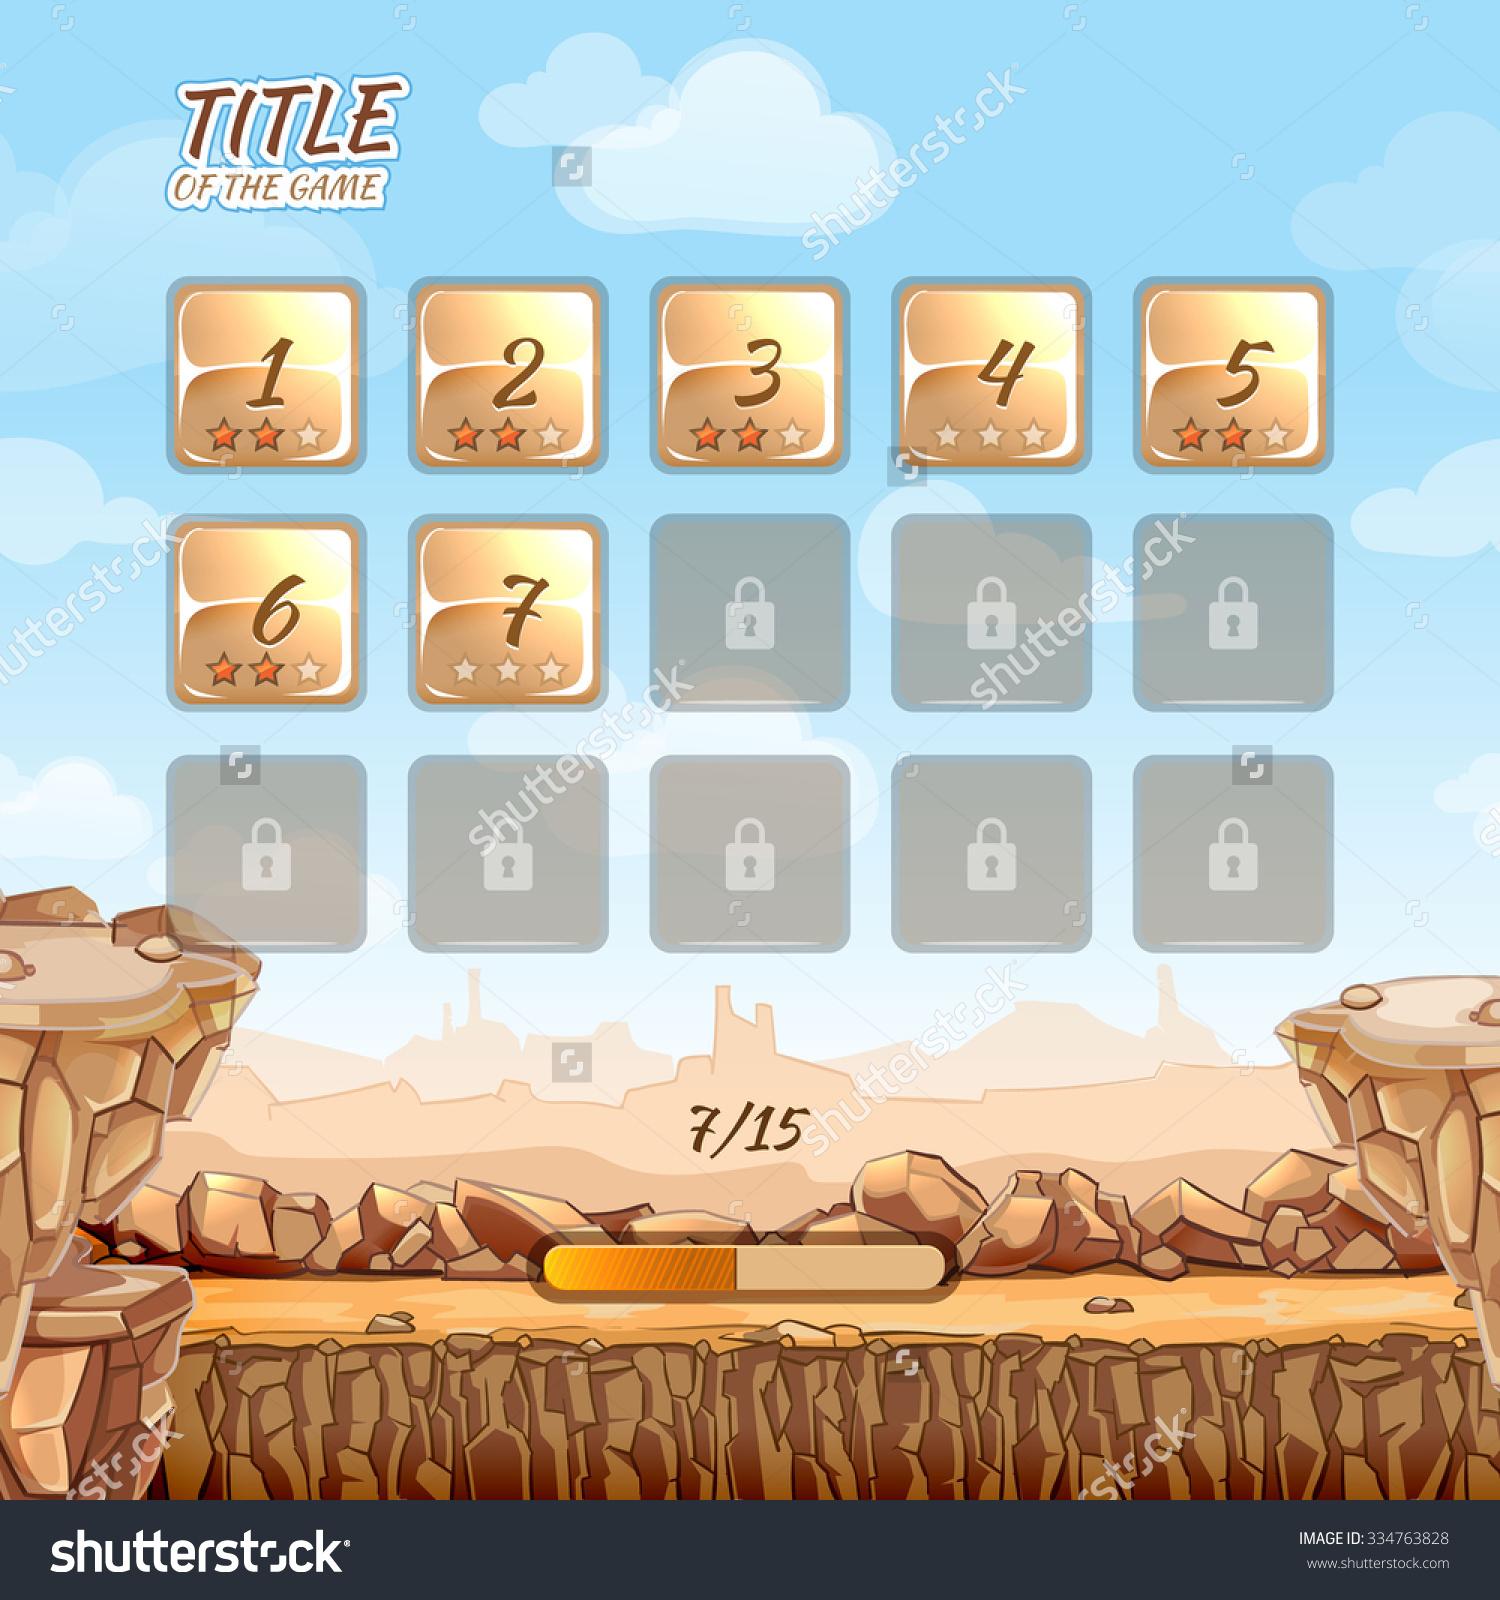 Stone Rocks Desert Game Background User Stock Vector 334763828.